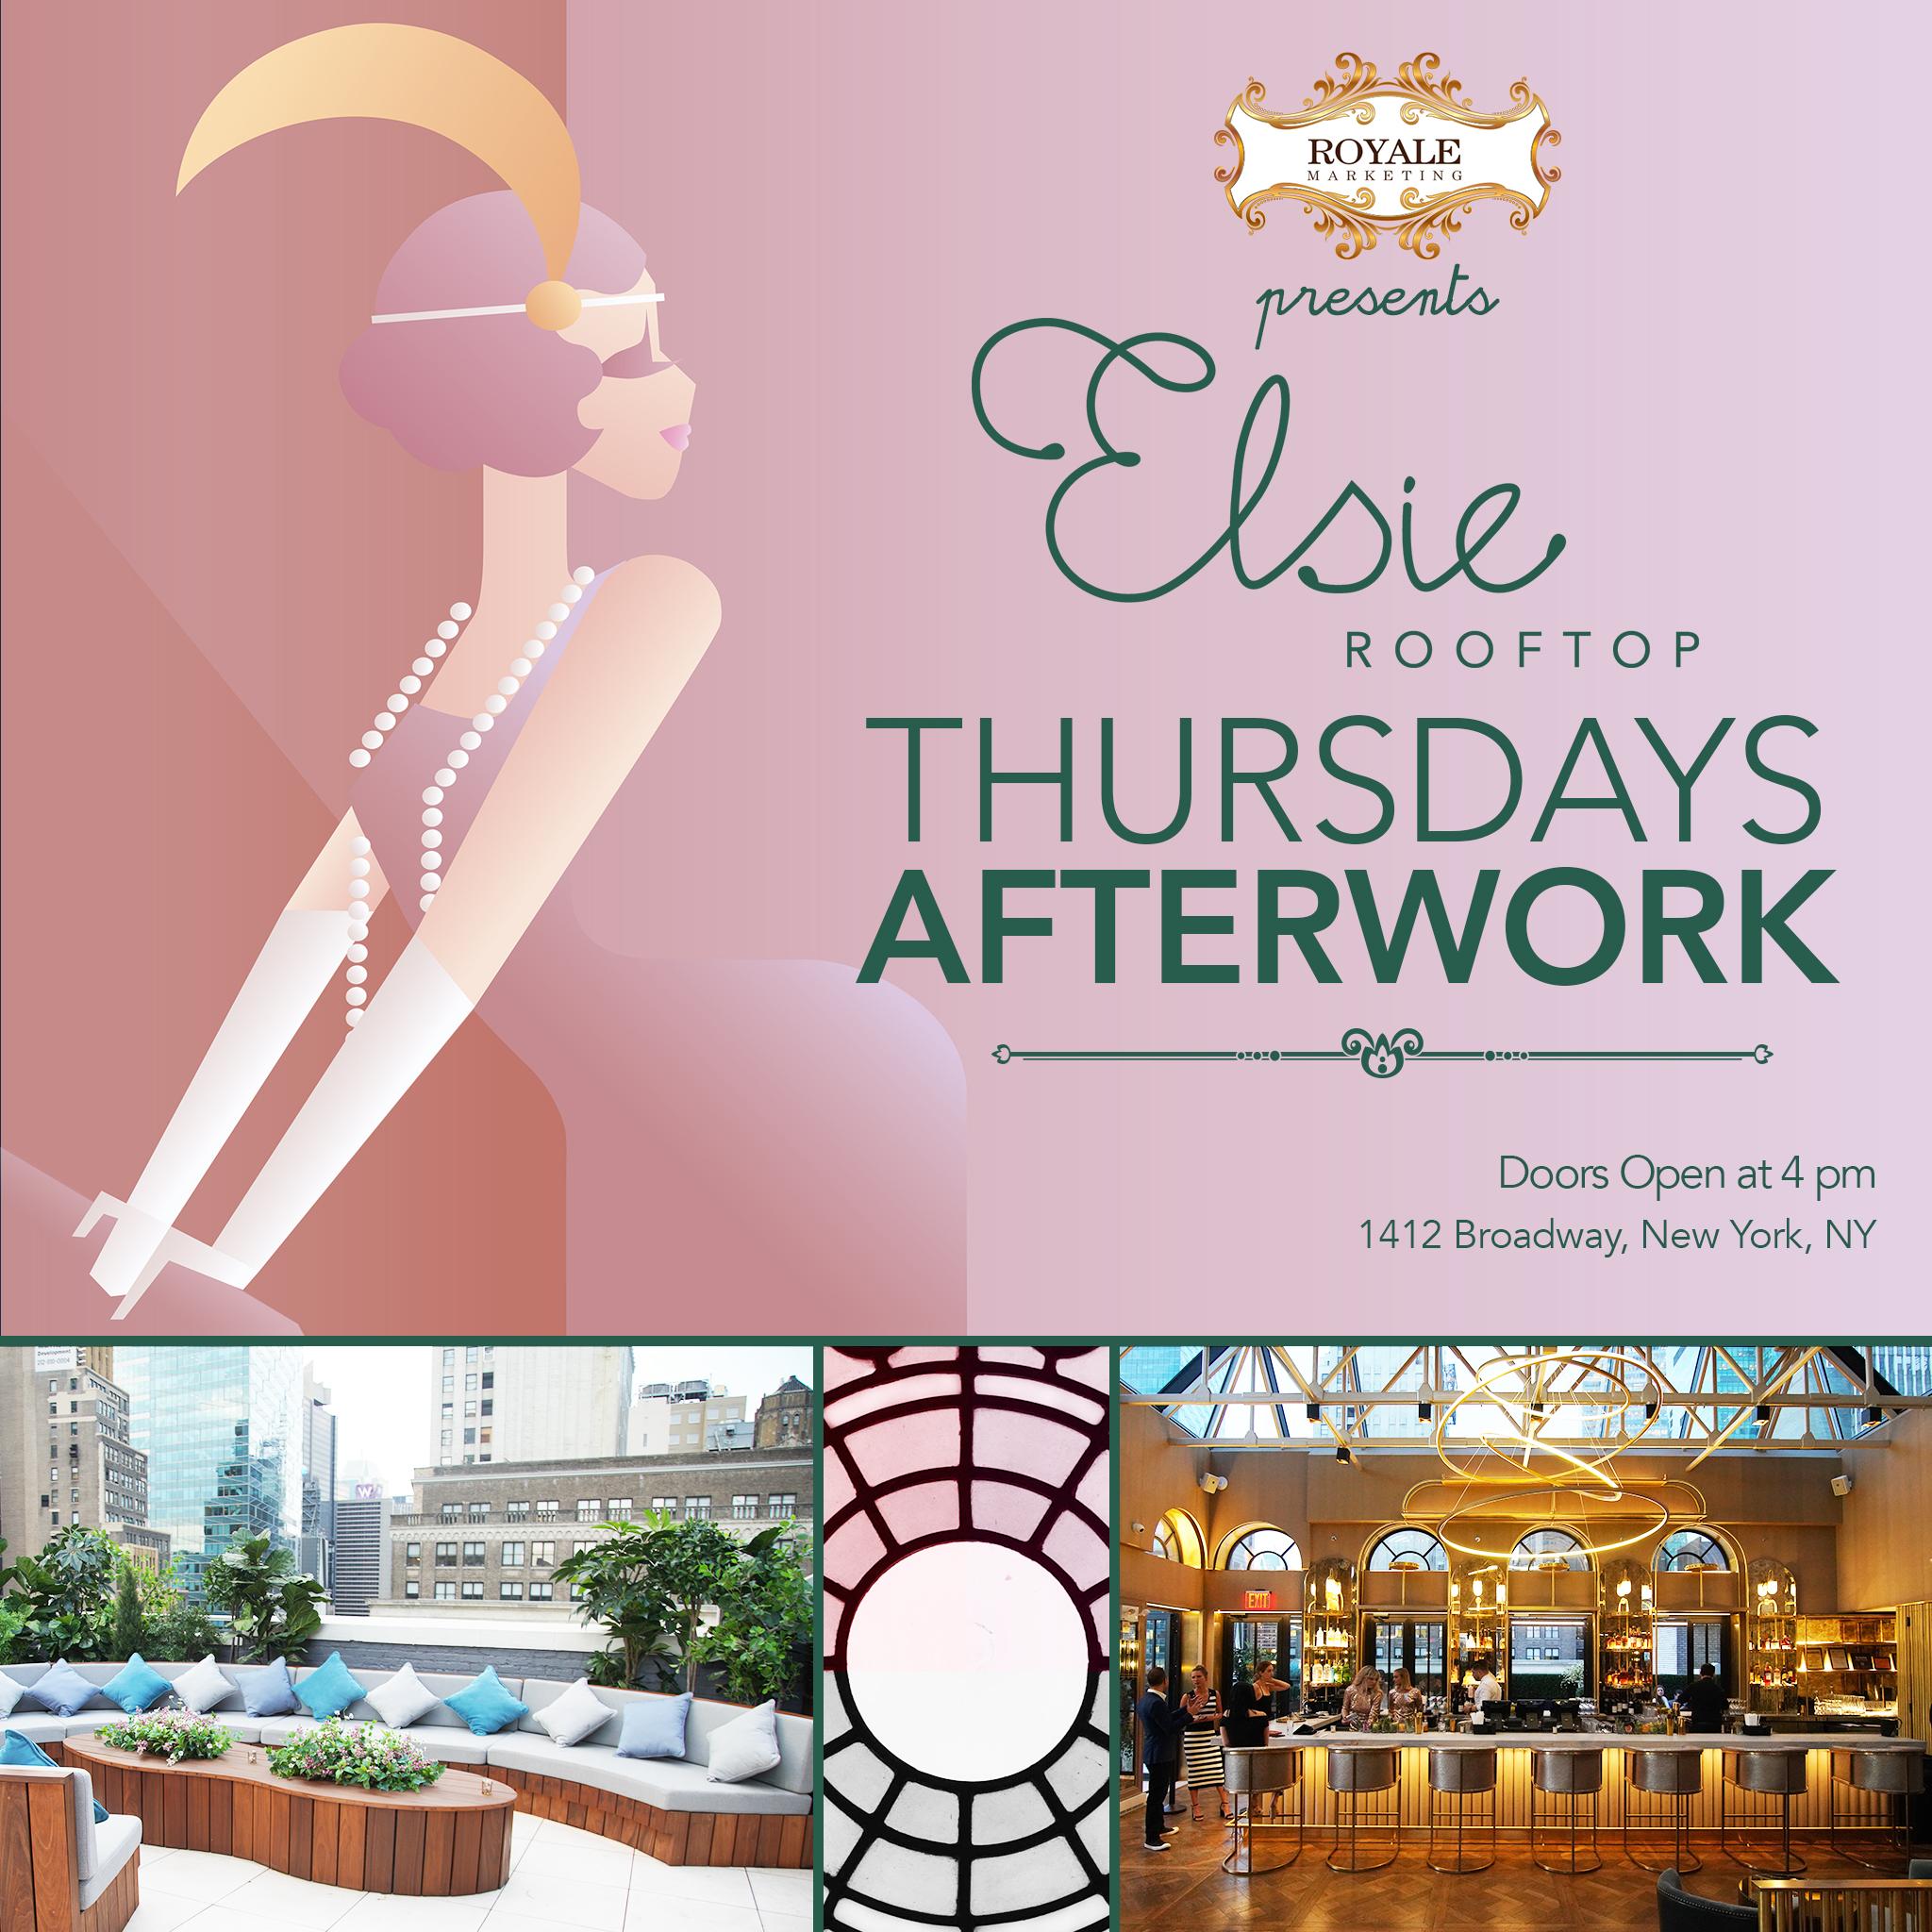 Thursdays Afterwork at Elsie Rooftop